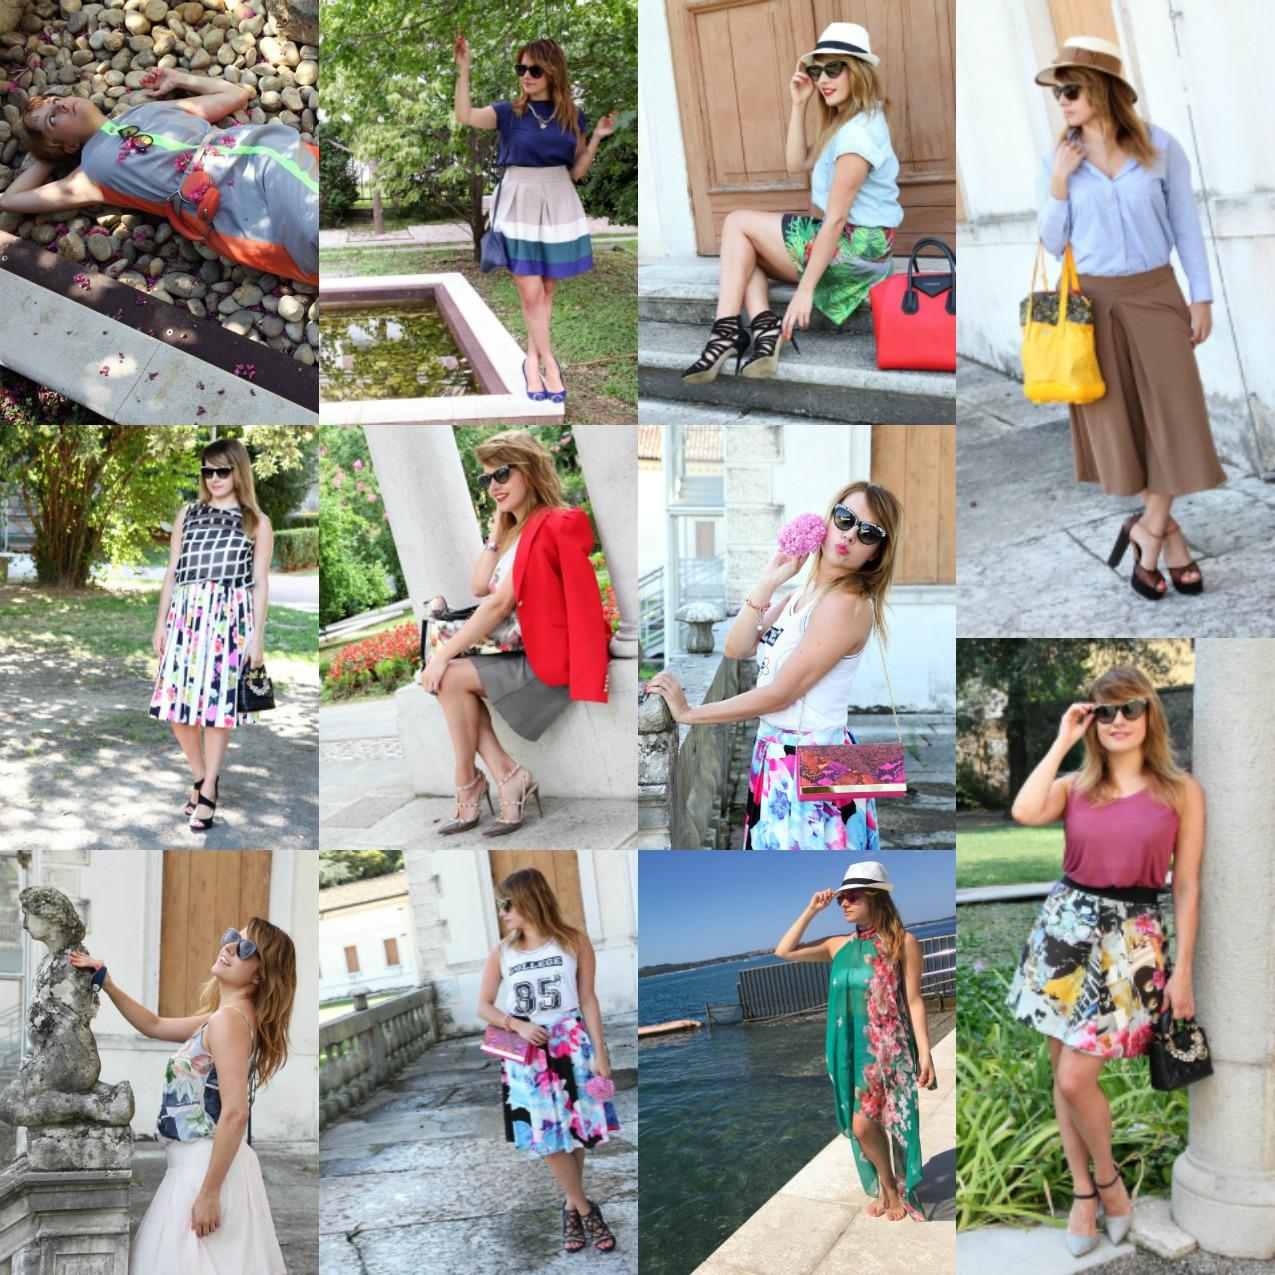 Best outfit Agosto 2016: emozioni e sensazioni tra fiori e colori, alessia milanese, thechilicool, fashion blog, fashion blogger